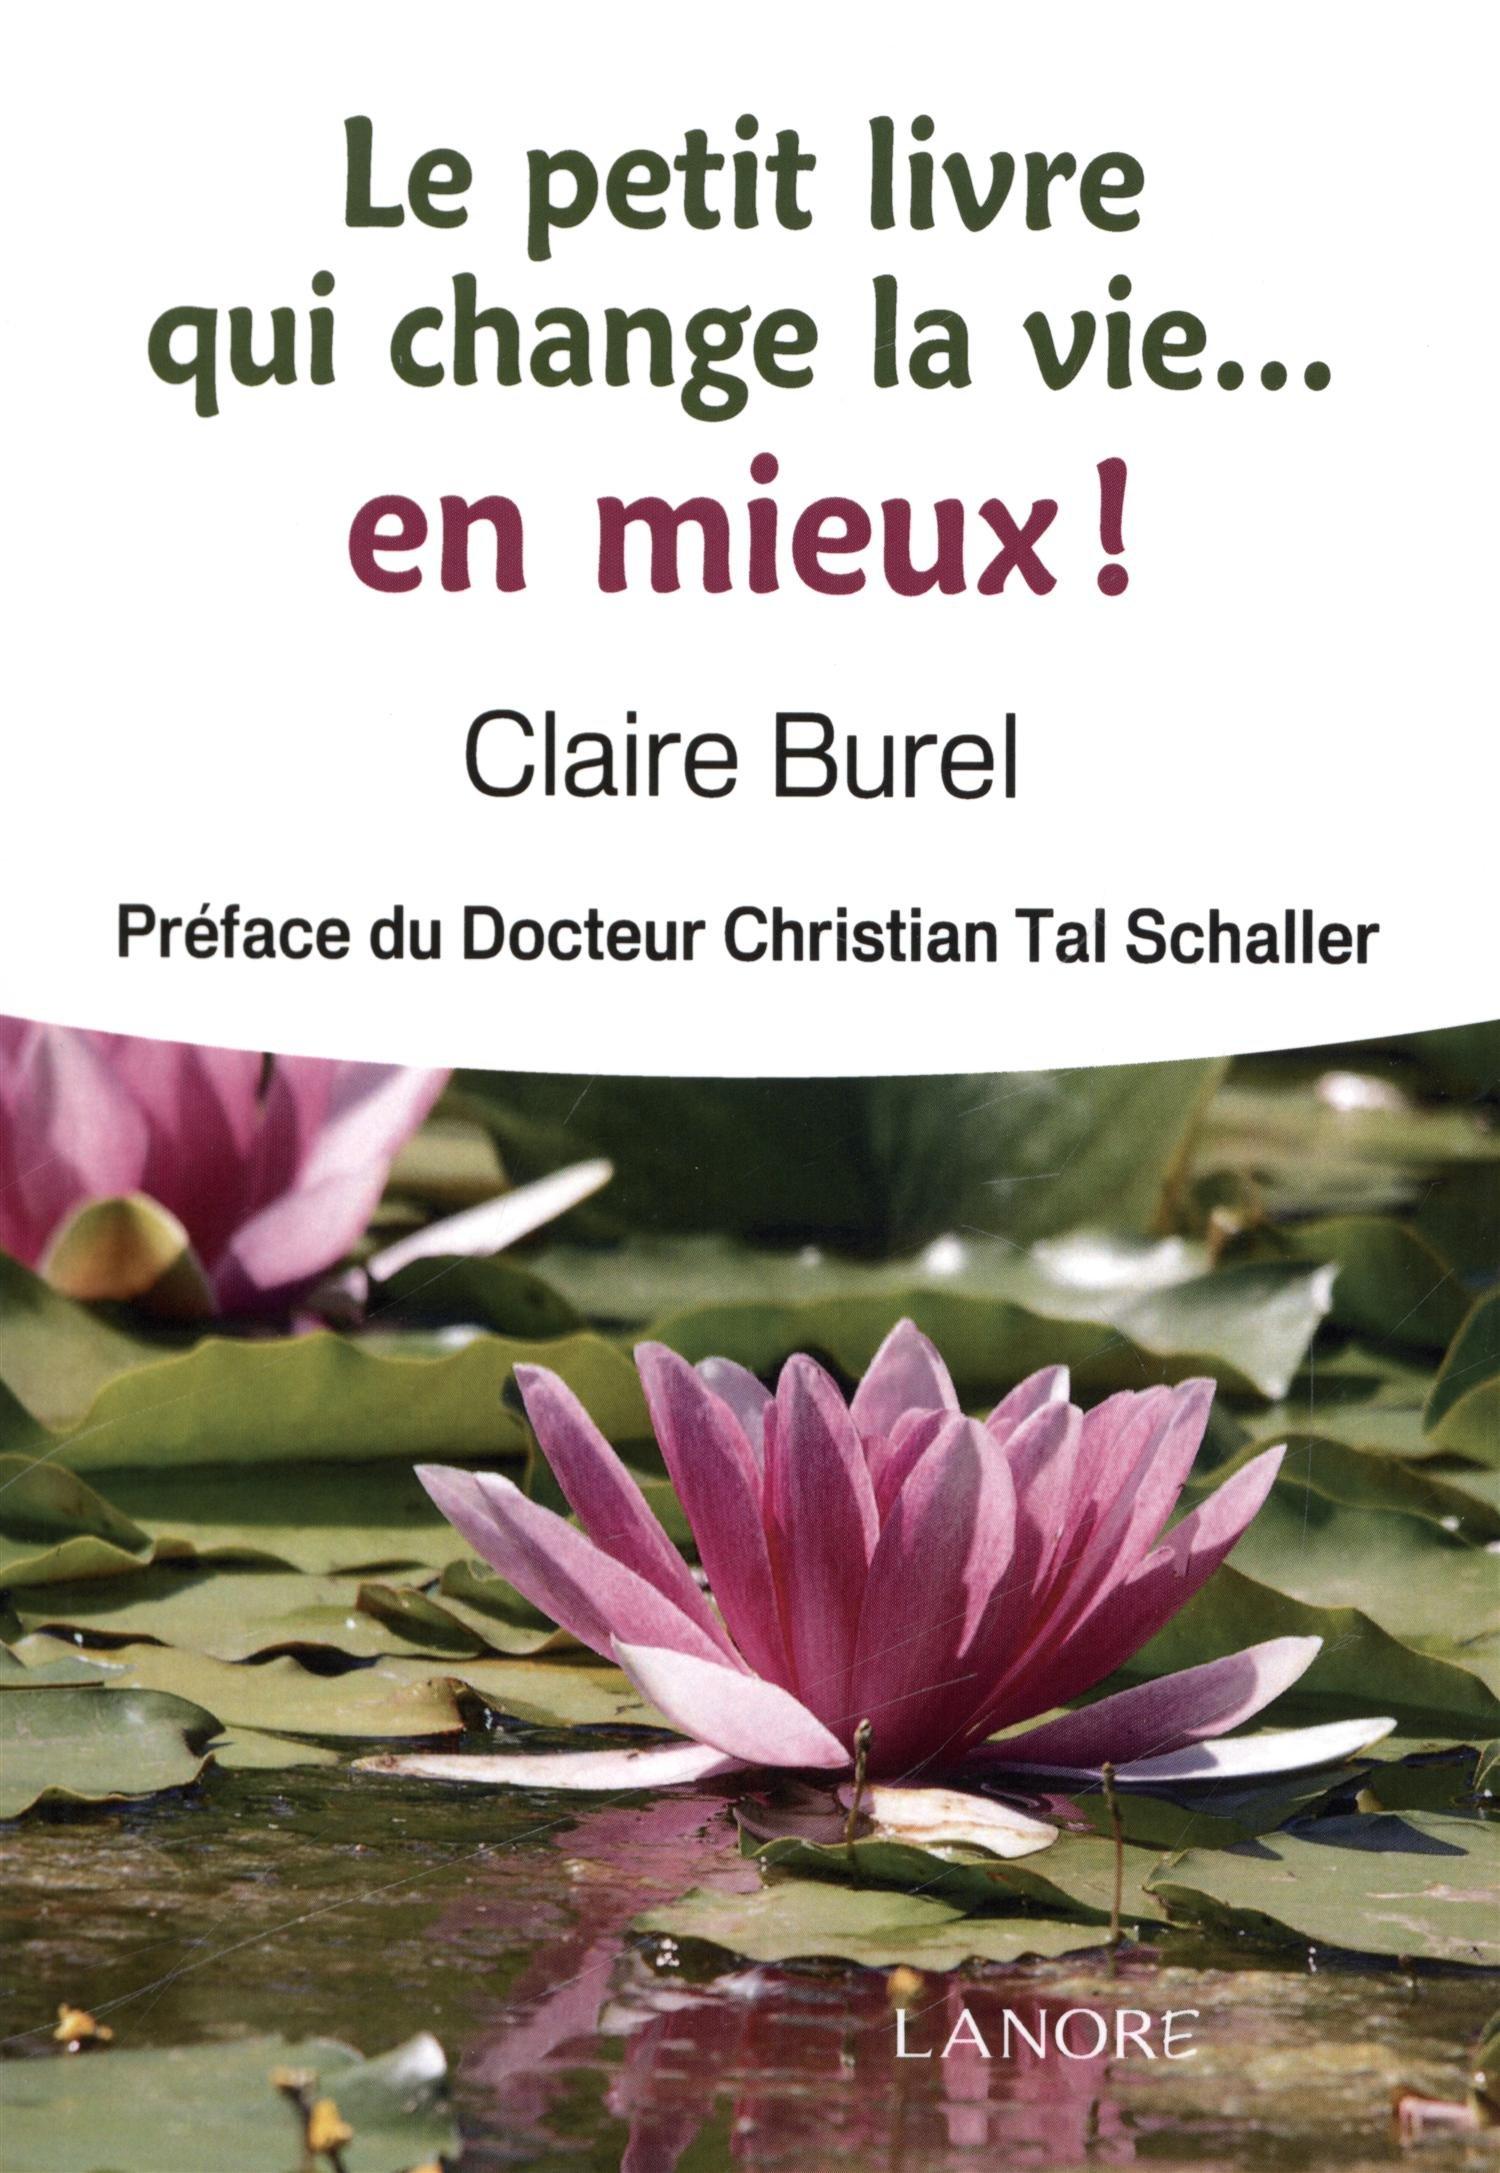 Le petit livre qui change la vie. En mieux ! Poche – 28 mars 2014 Claire Burel Christian Tal Schaller Fernand Lanore 2851577387